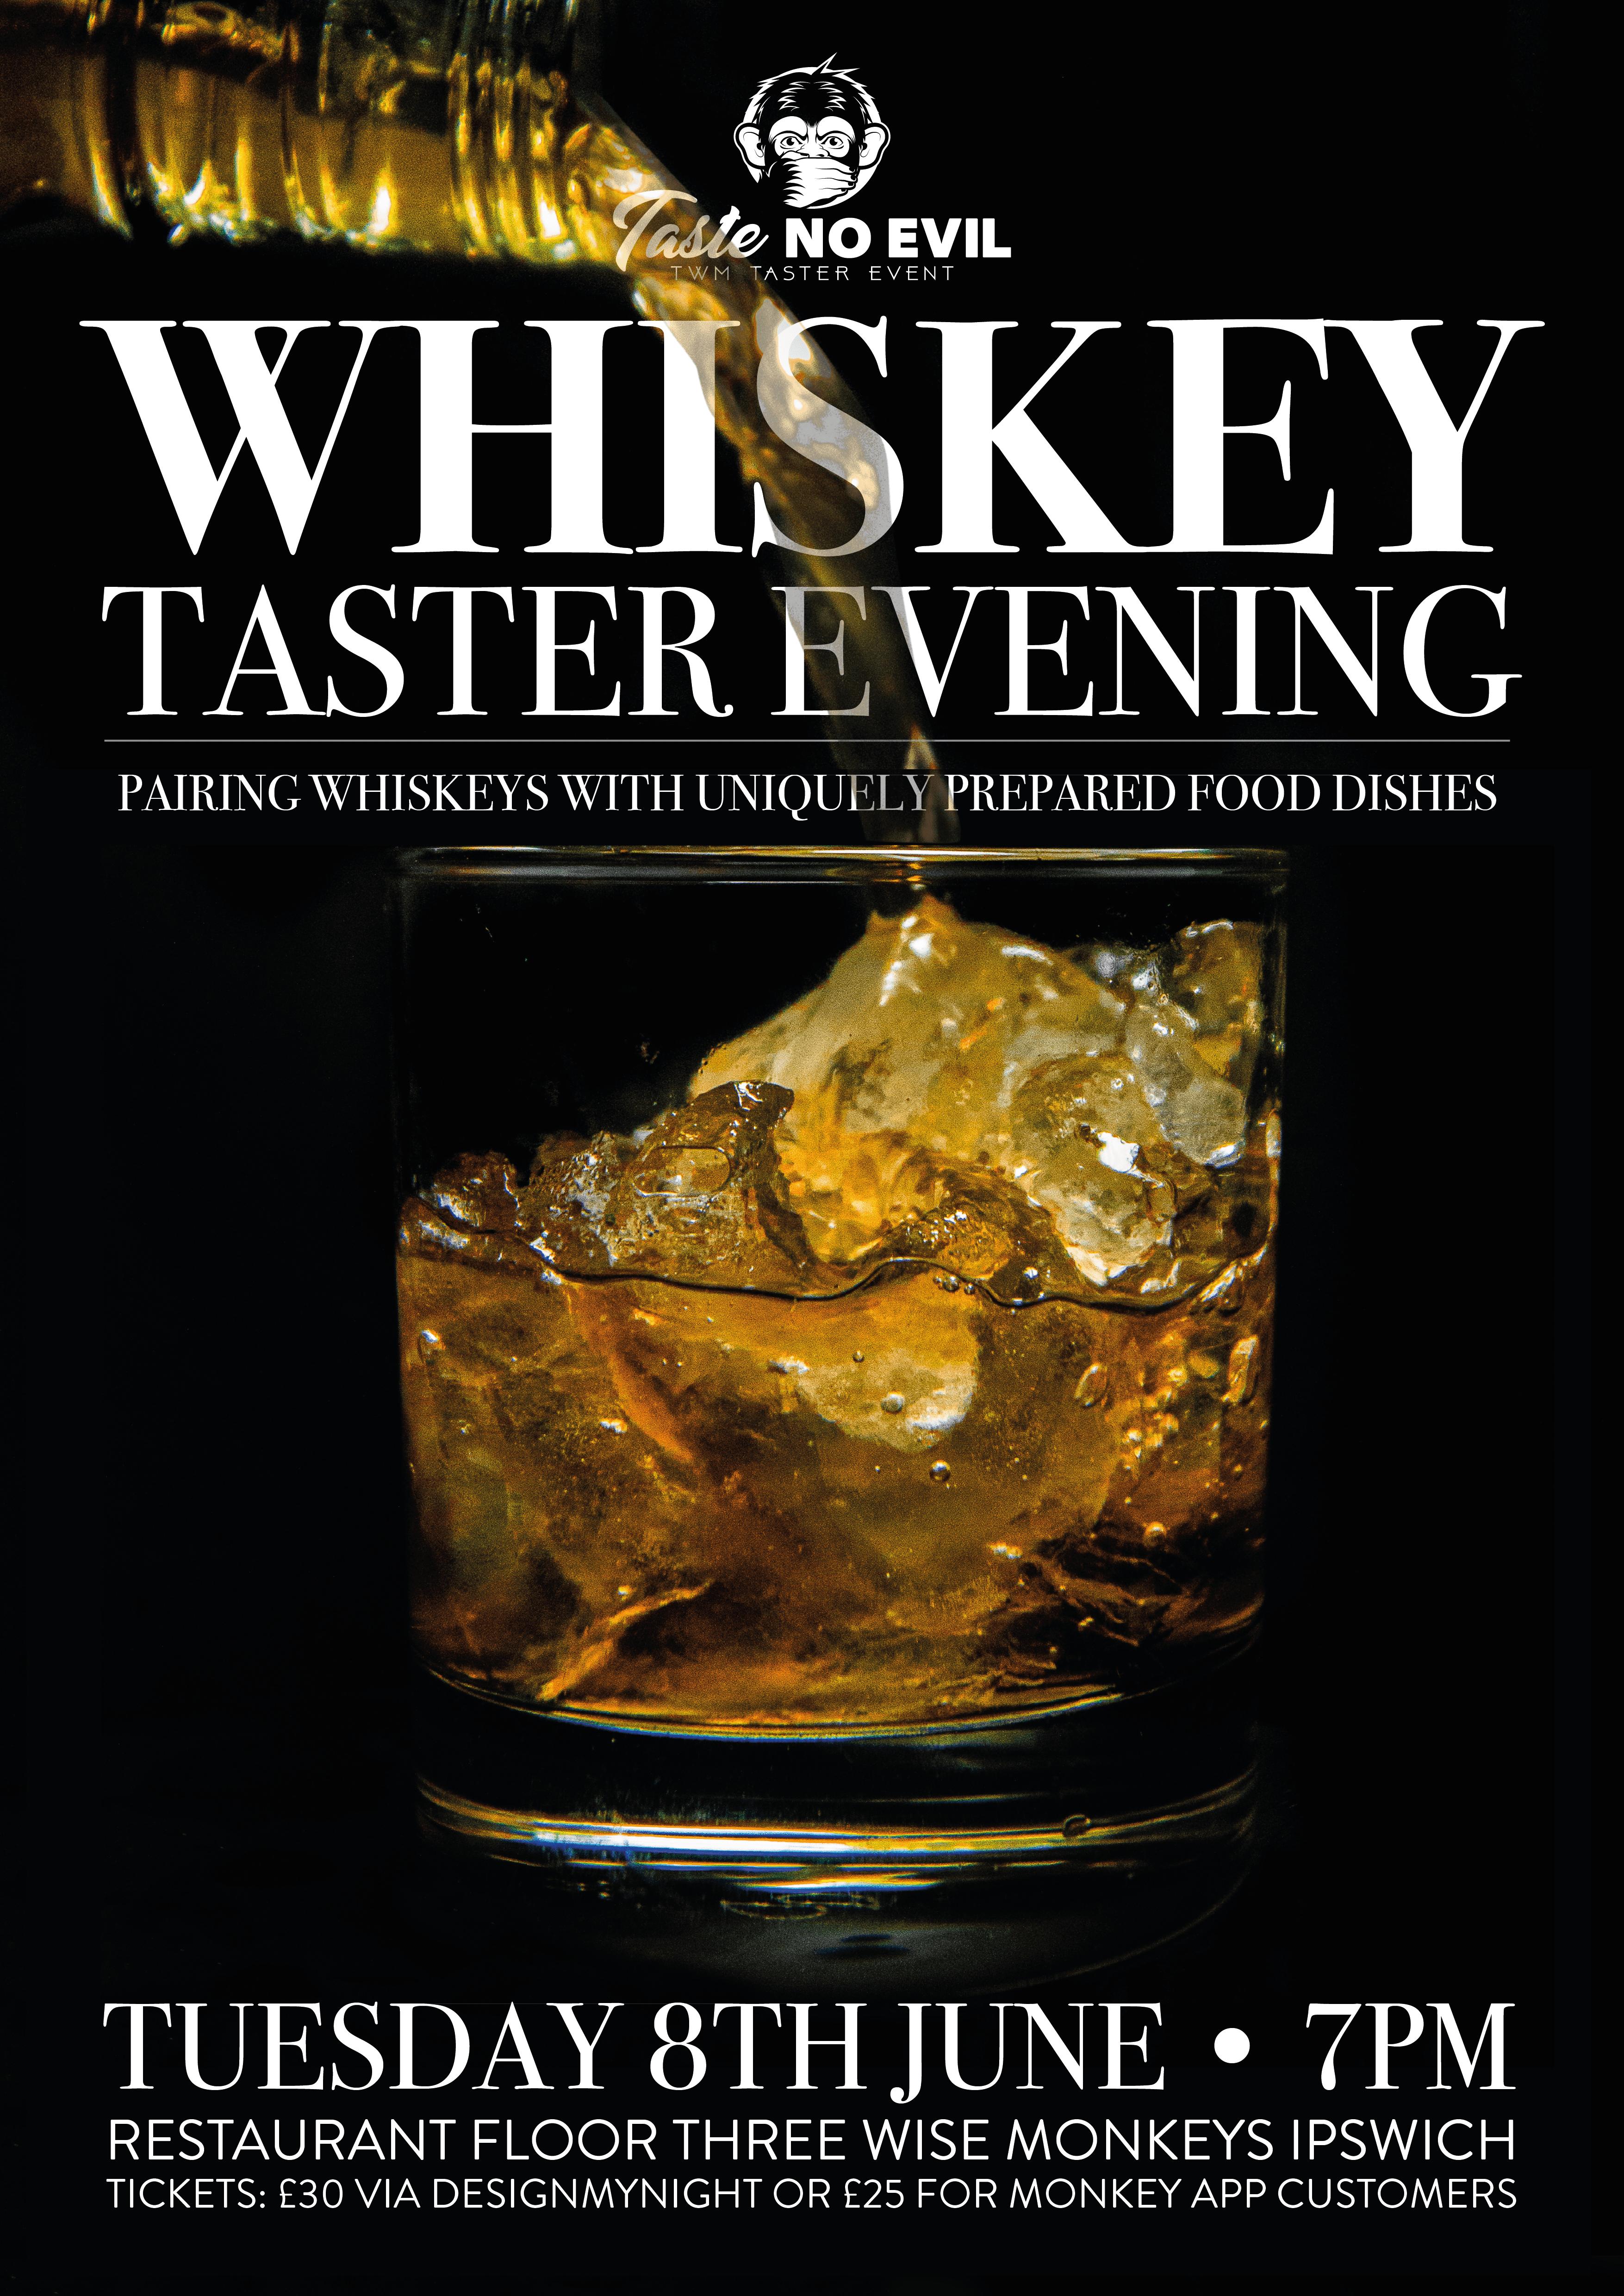 Whiskey Taster Evening